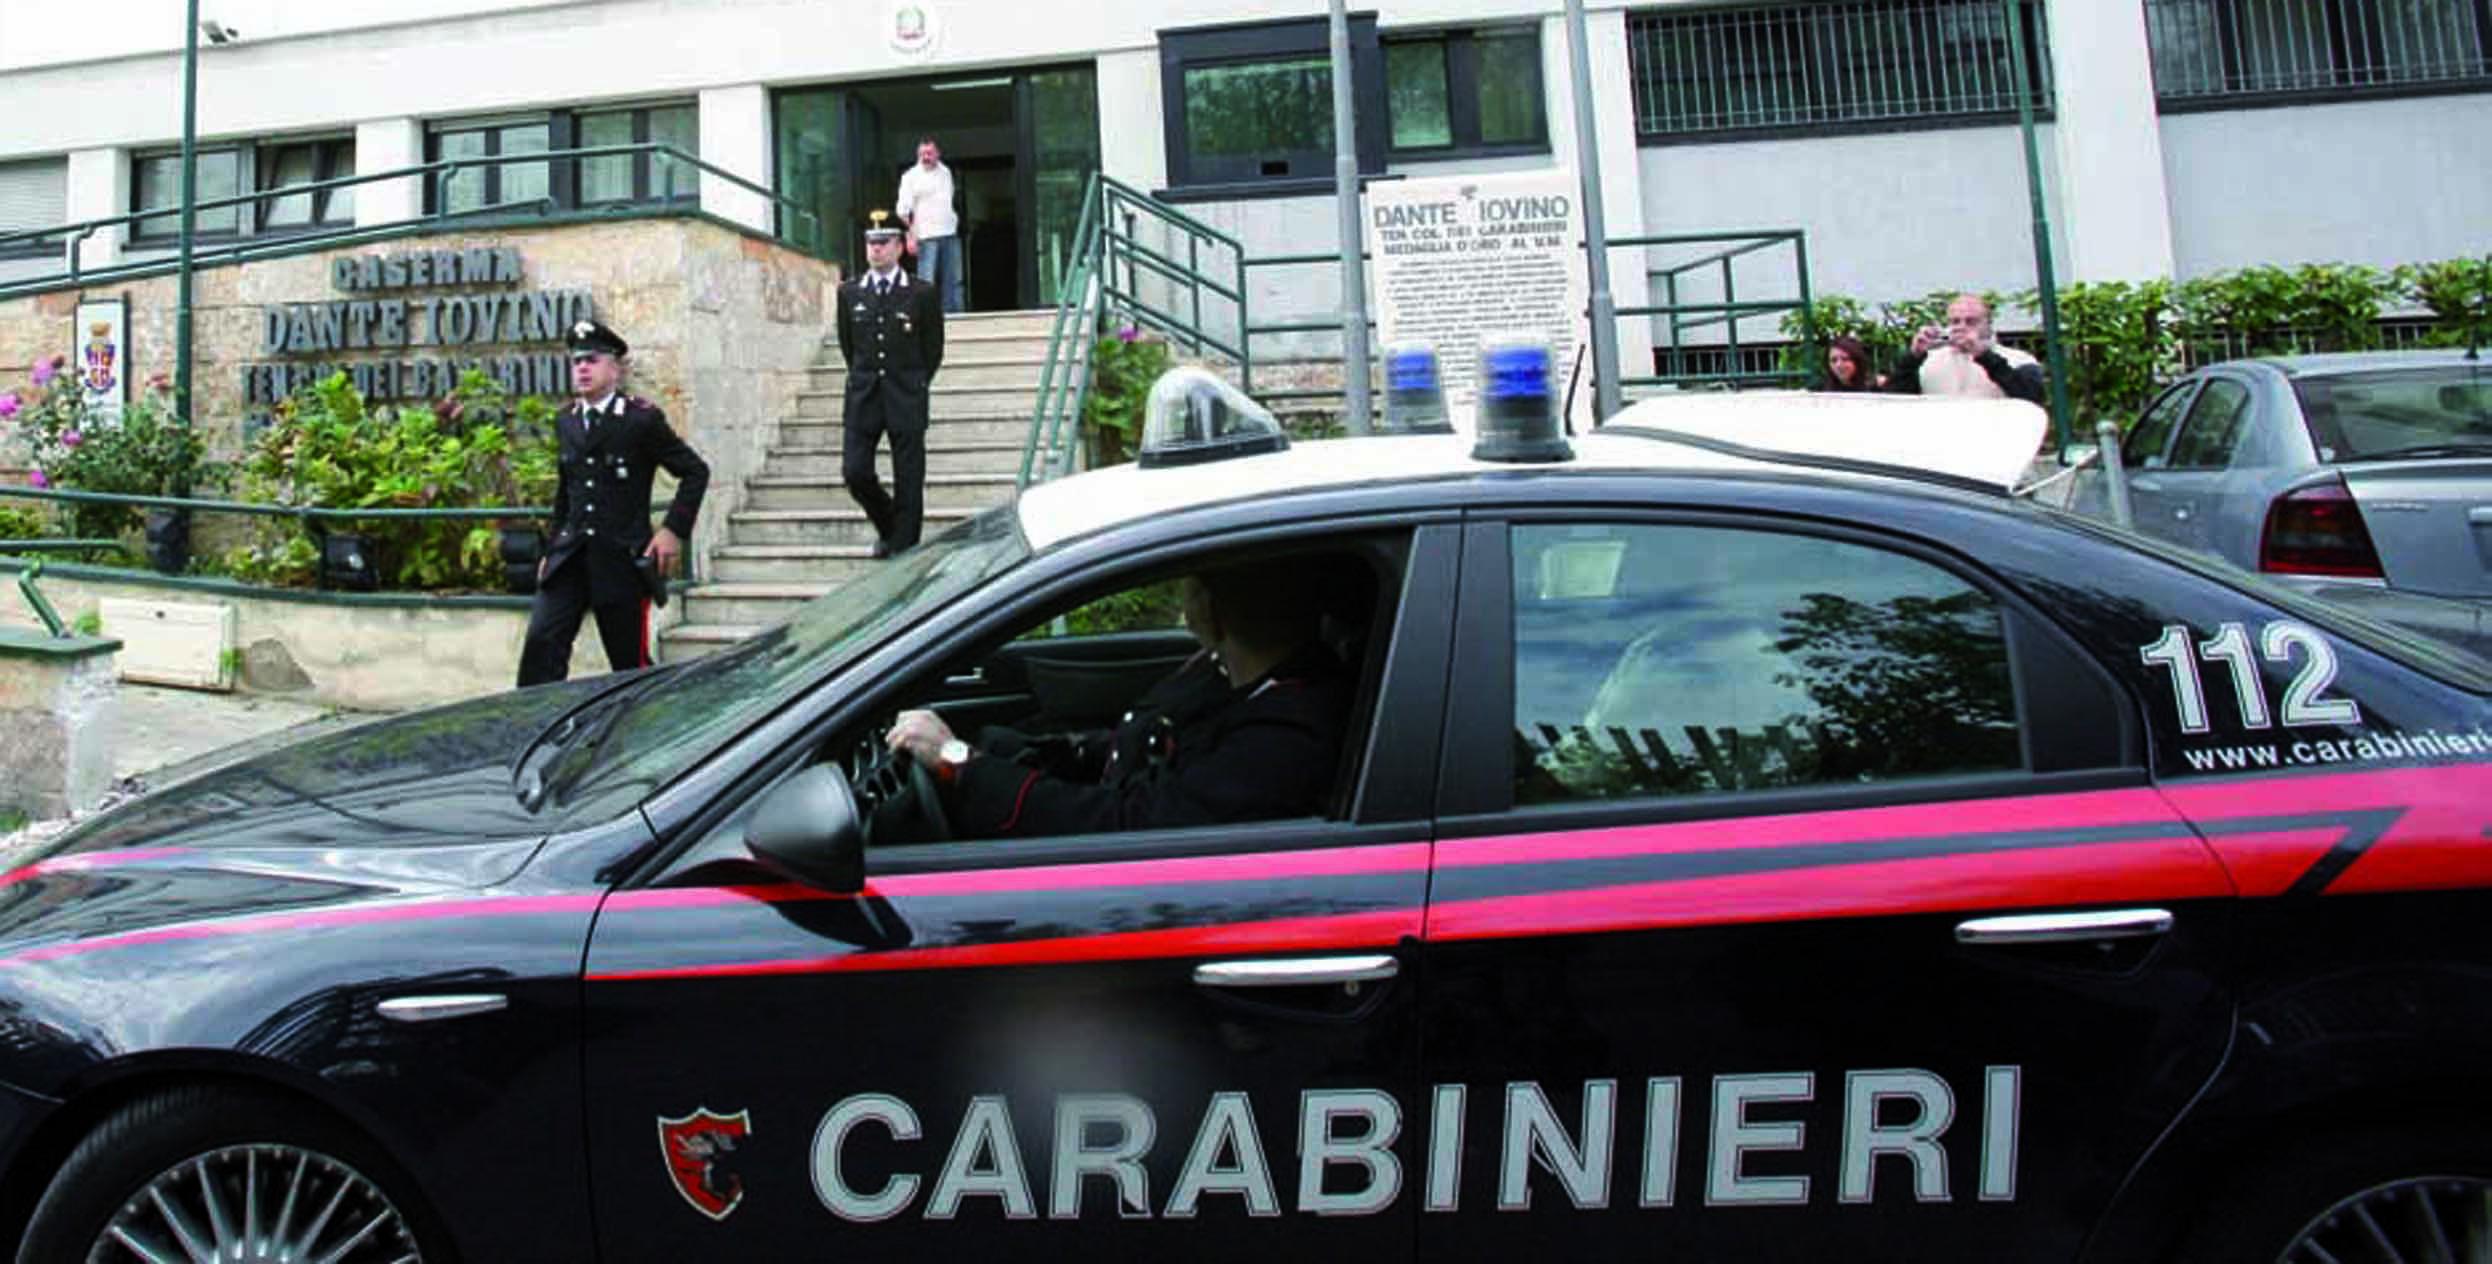 Torre del Greco, calci e pugni alla moglie: bloccato 51enne